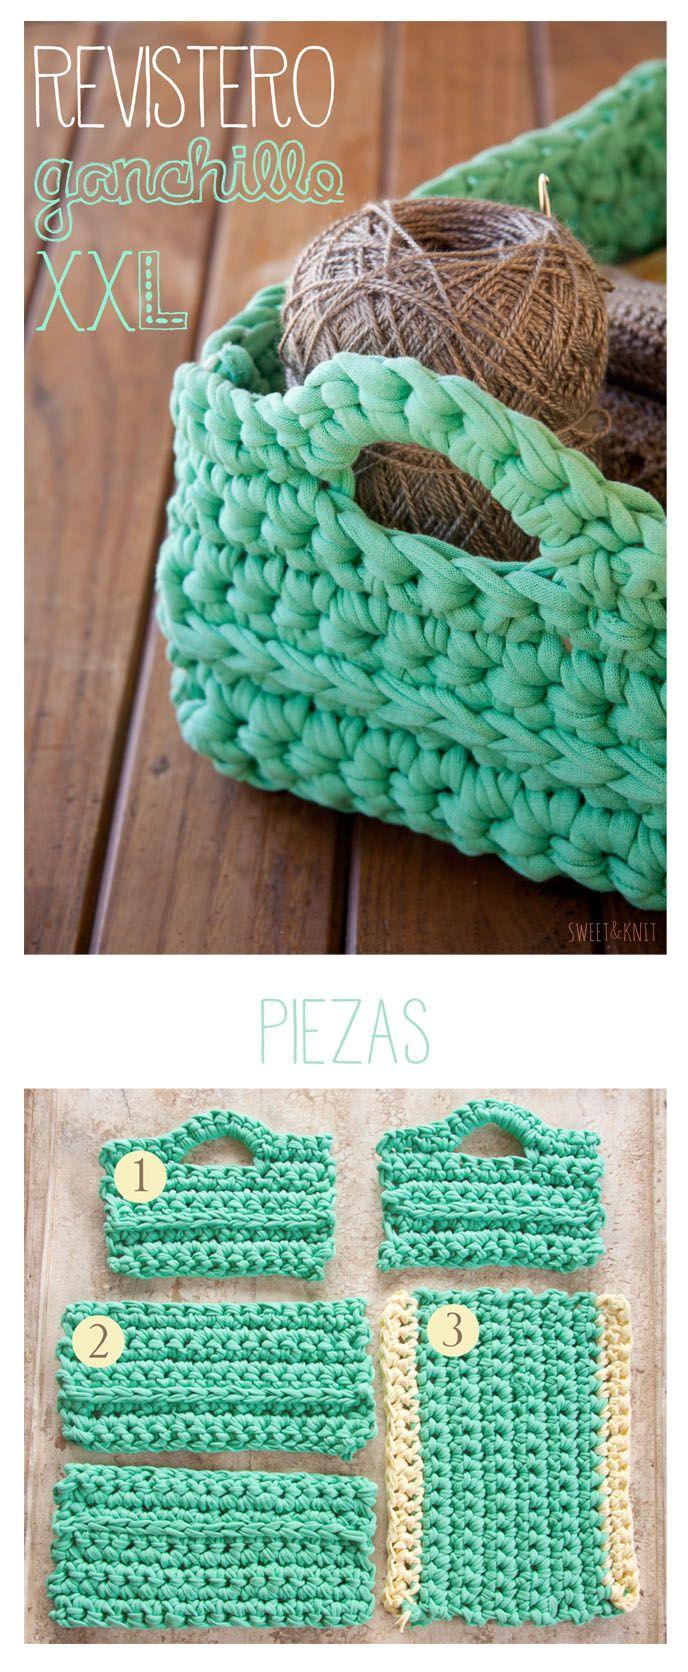 crochet   Denenecek Projeler   Pinterest   Spanish, Crochet and ...